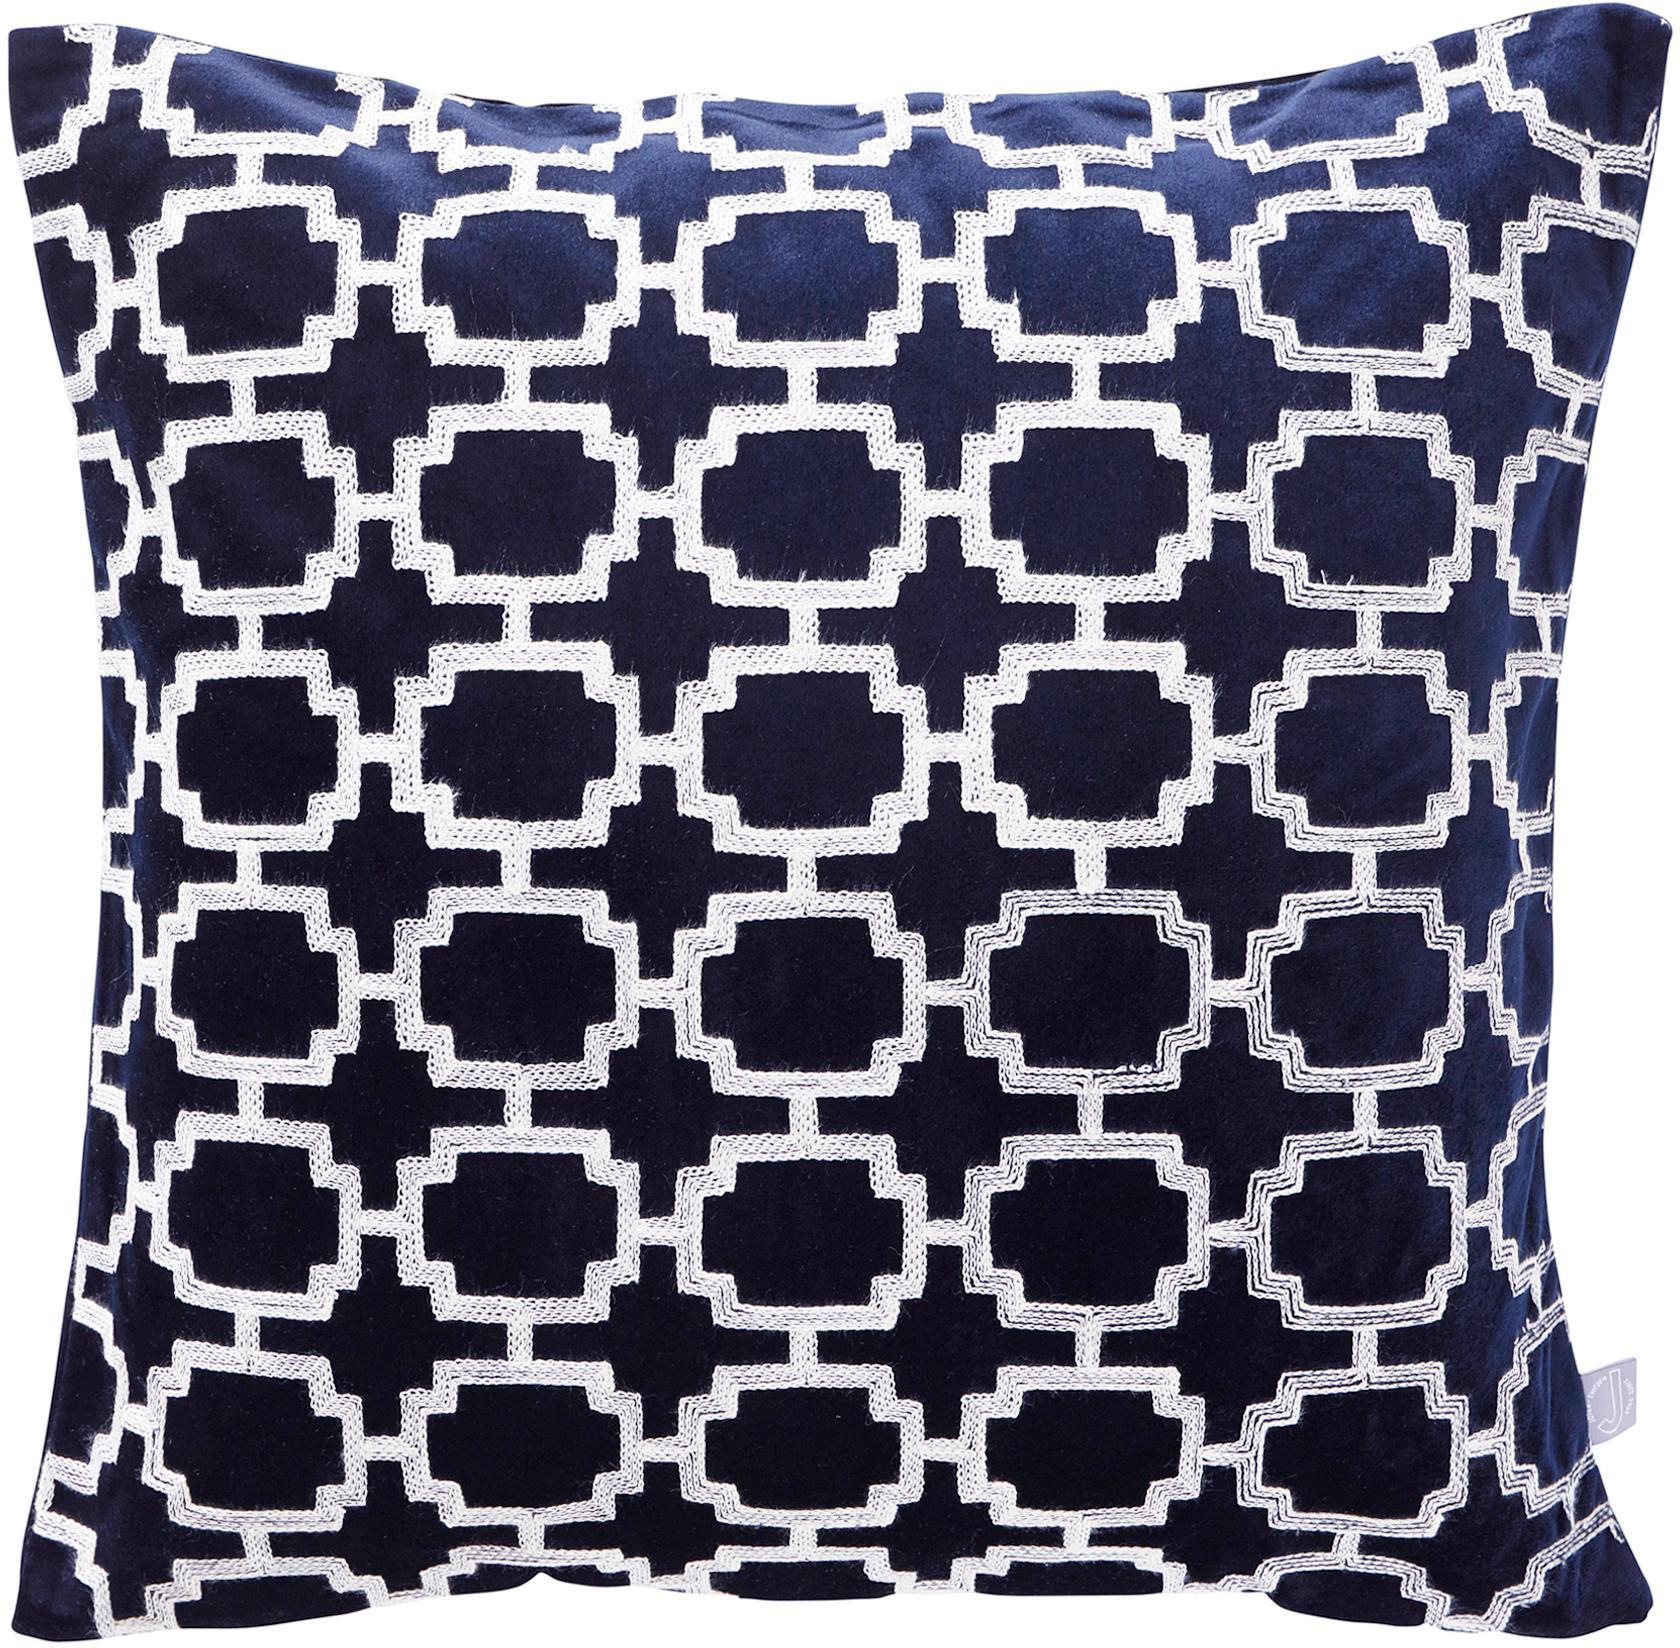 Geborduurde fluwelen kussenhoes Simone, 100% polyester fluweel, Donkerblauw, gebroken wit, 45 x 45 cm